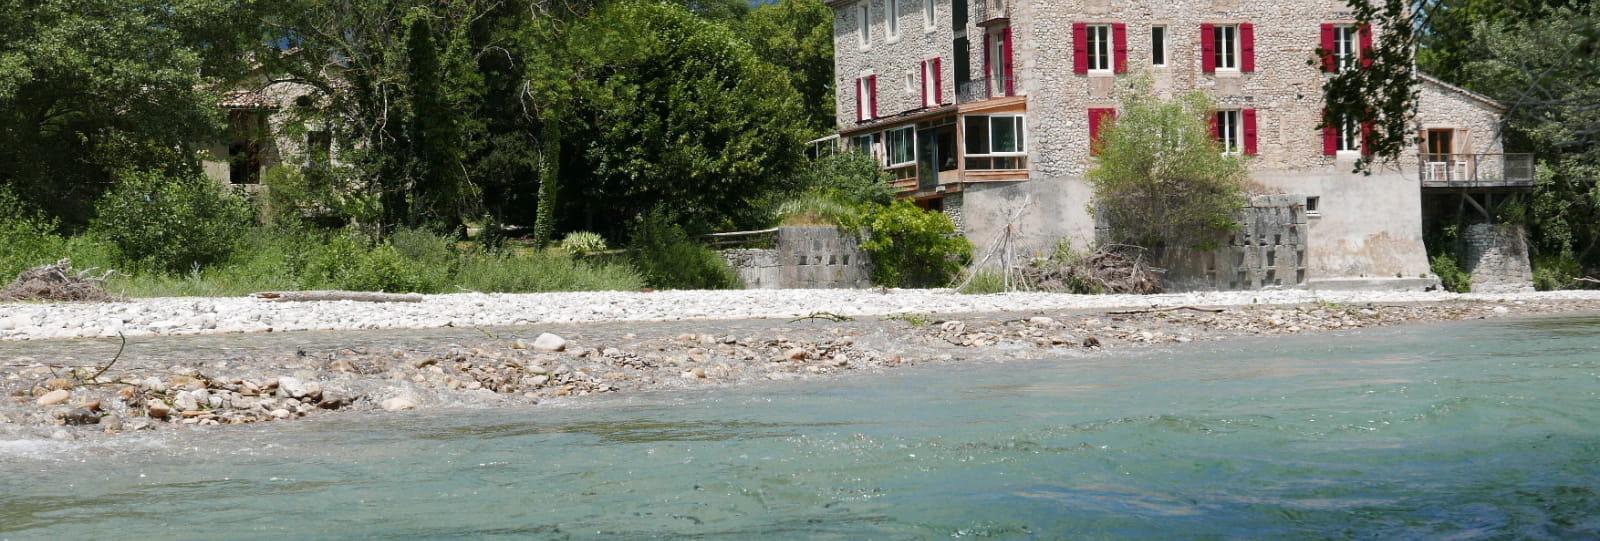 maison et rivière